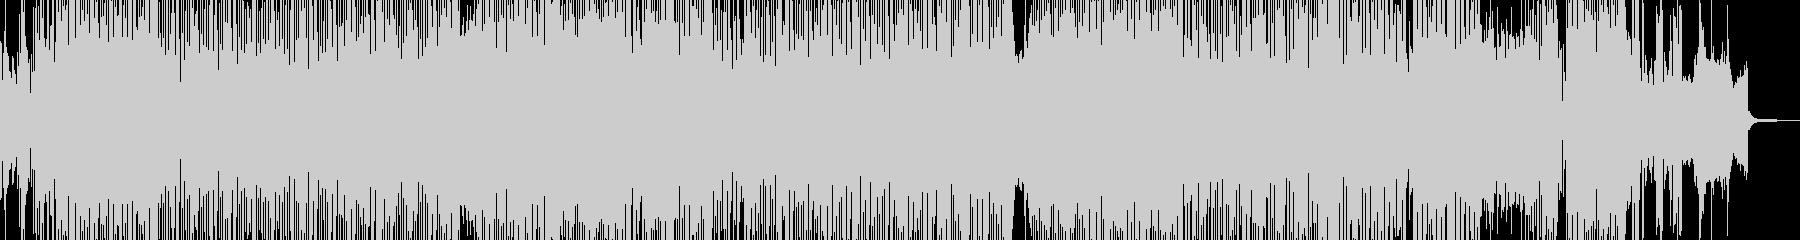 ウクレレ&リコーダー・賑やかなポップ Aの未再生の波形